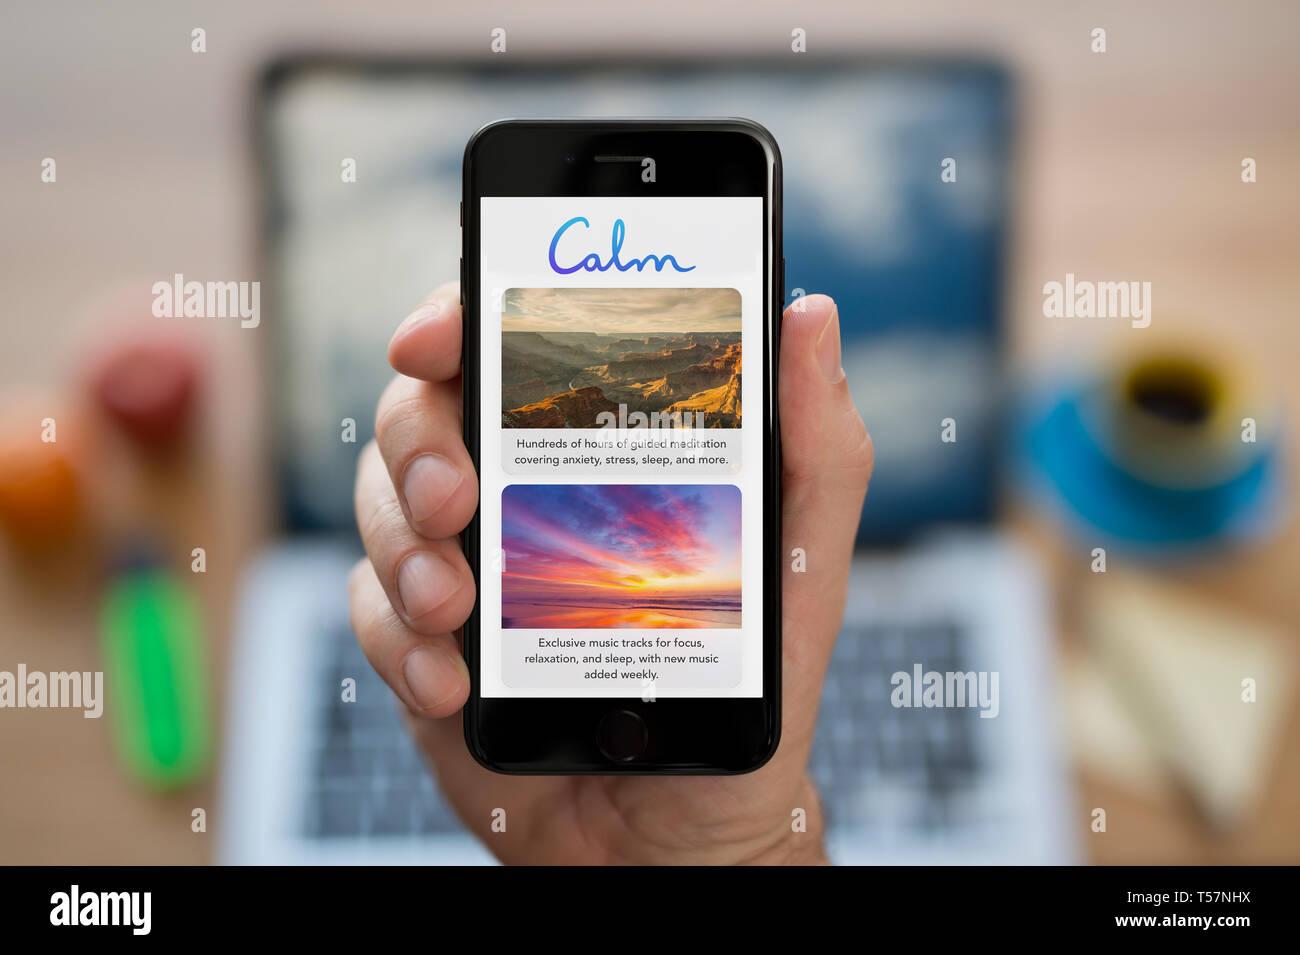 Calm App Stock Photos & Calm App Stock Images - Alamy